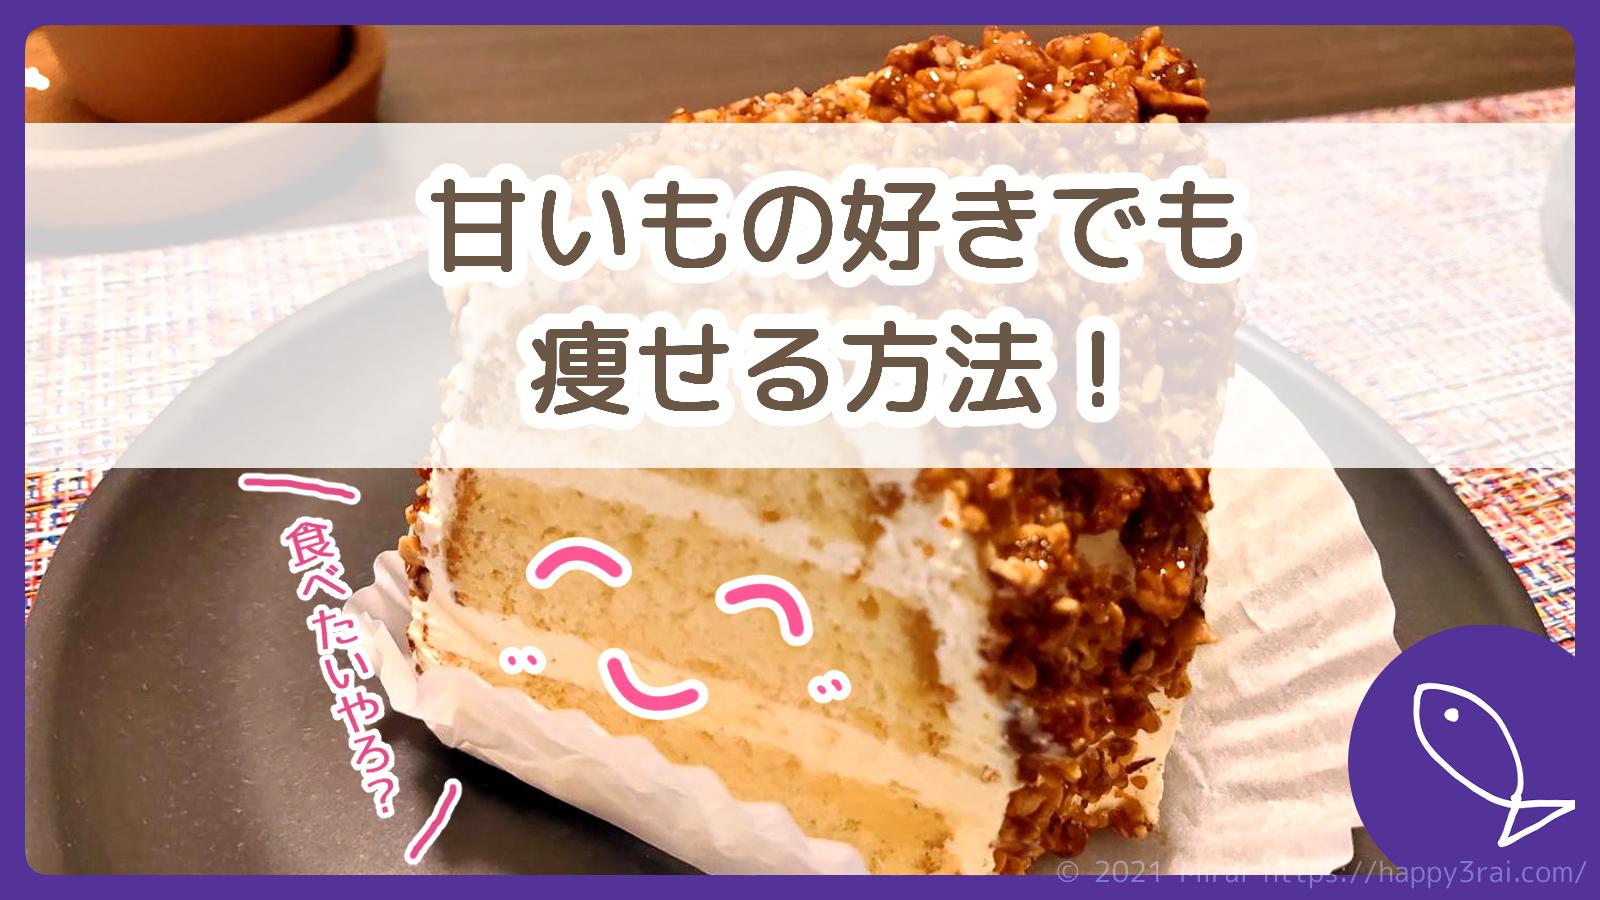 甘いもの痩せるダイエットアイキャッチnew